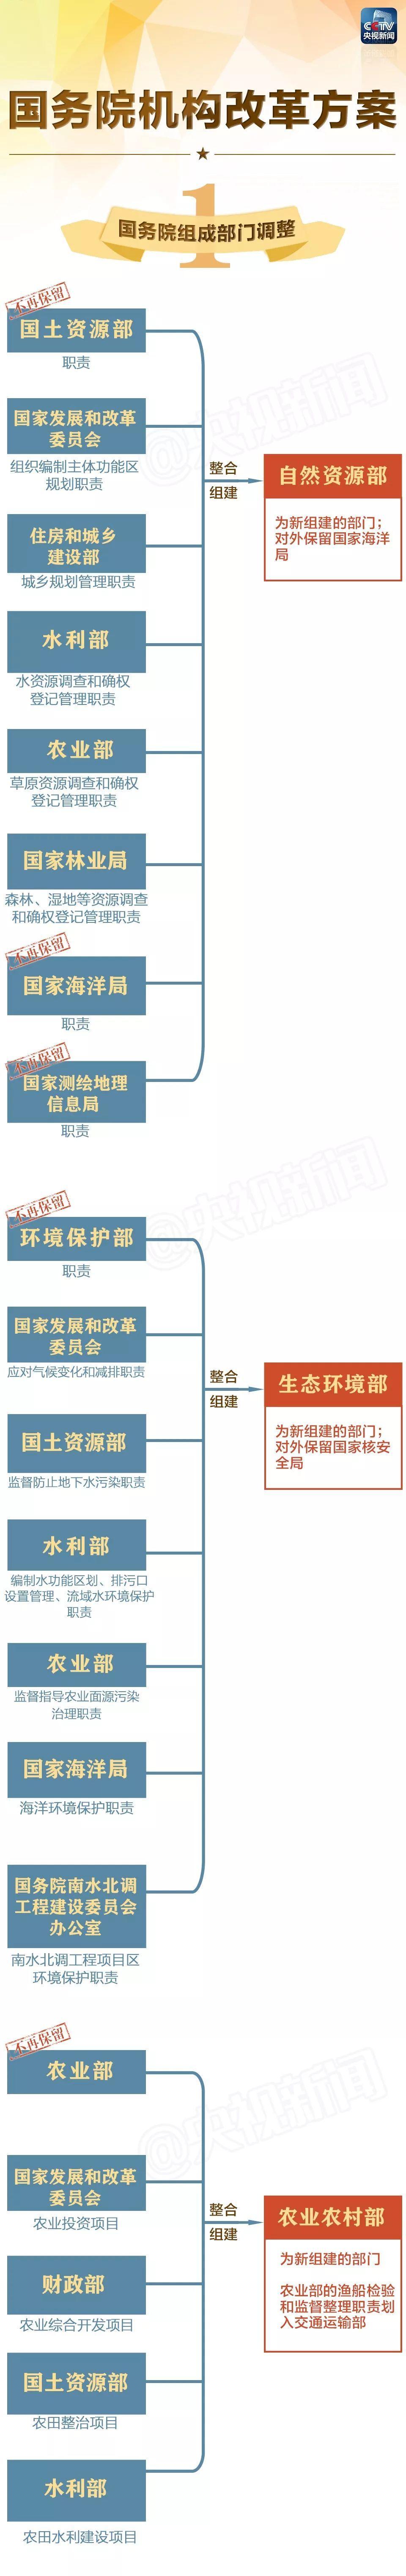 大动作!一图看懂国务院组成部门调整方案